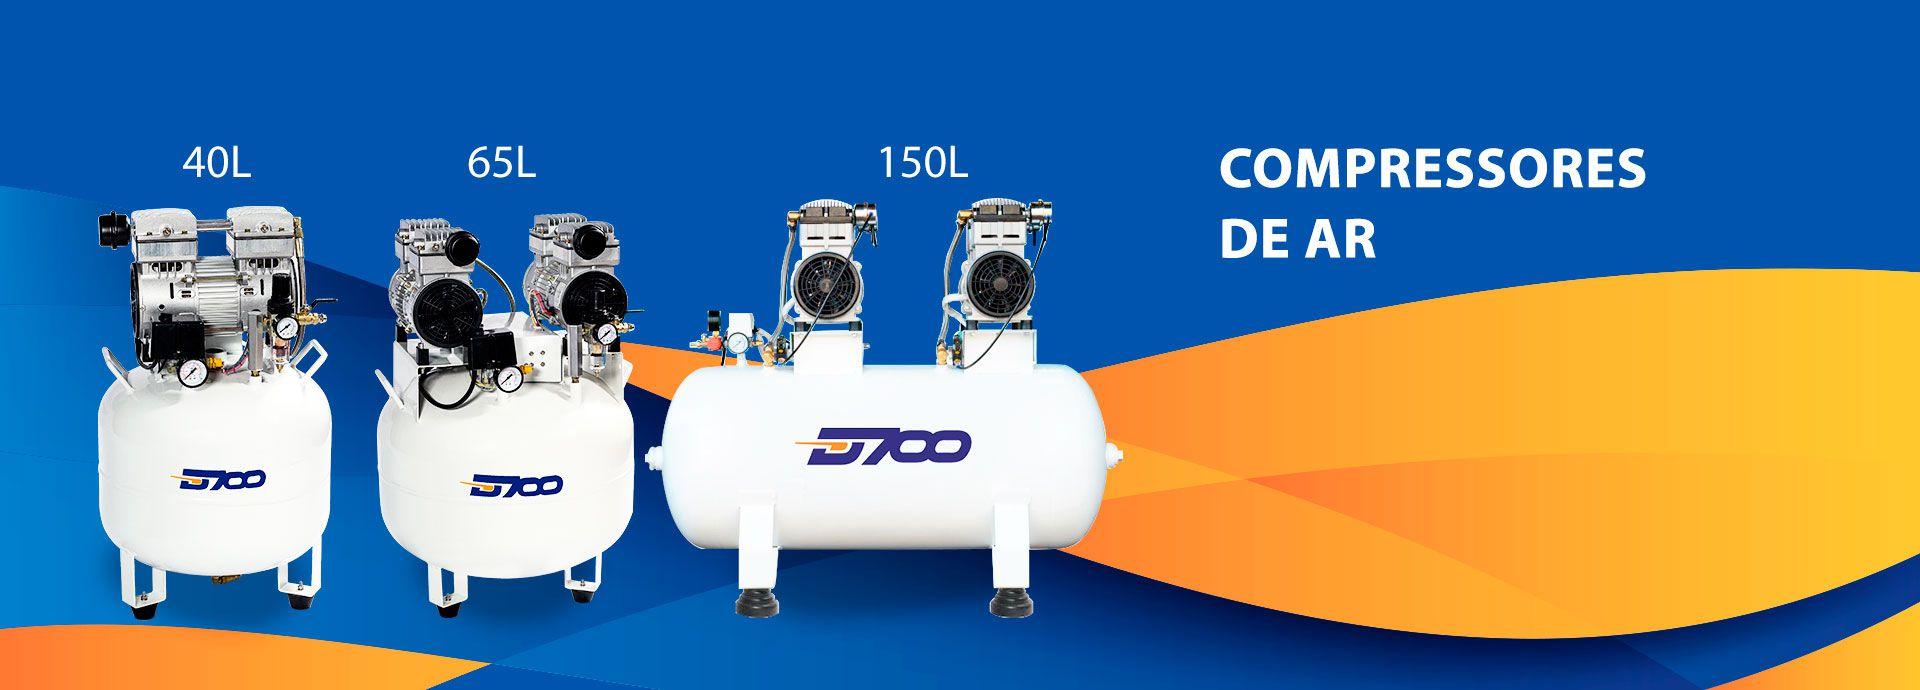 COMPRESSORES DE AR D700  - DABI ATLANTE - TOP ODONTO